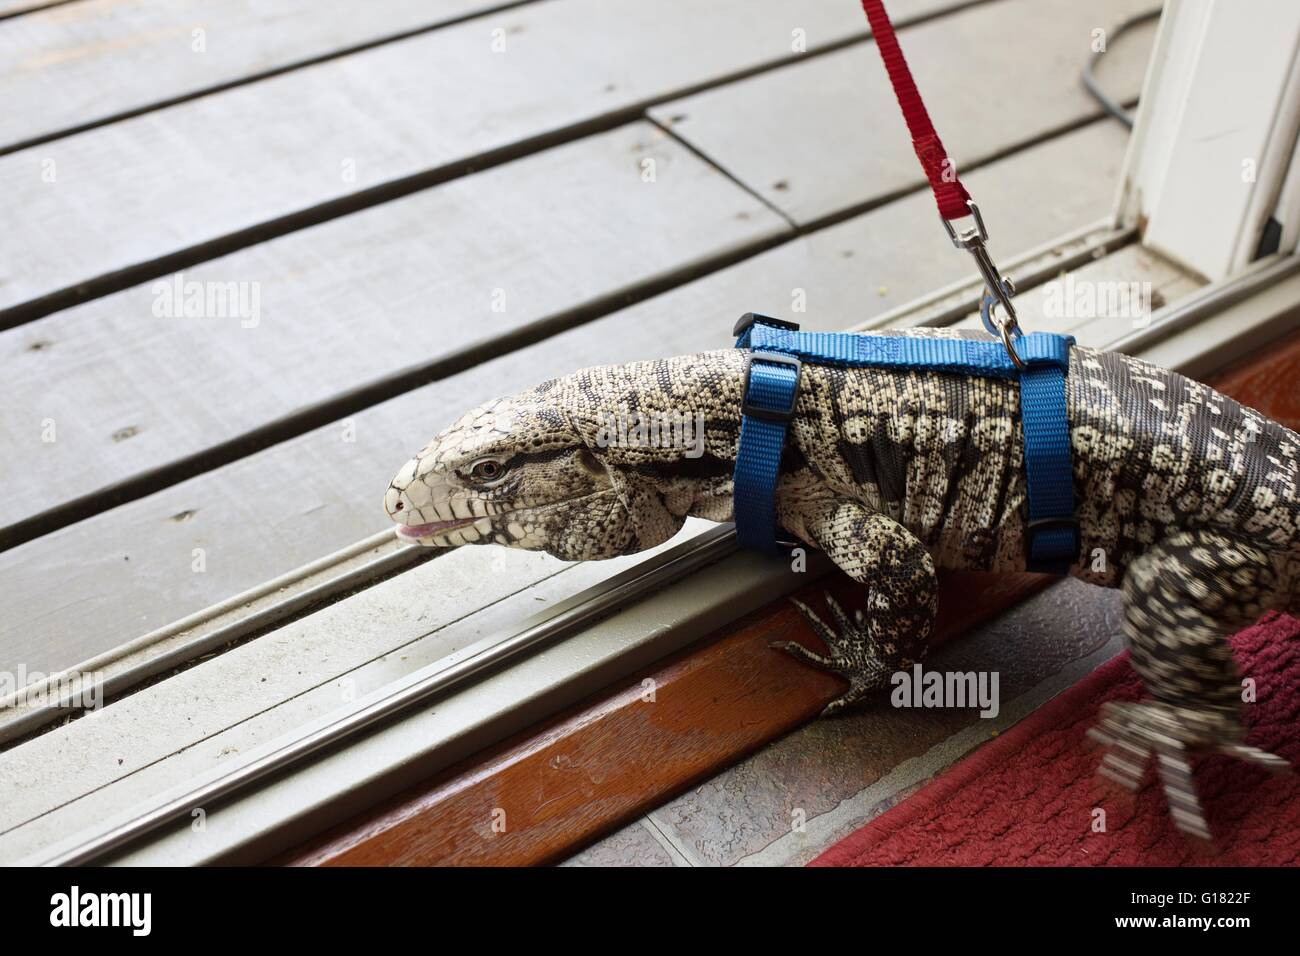 Un argentino in bianco e nero tegu indossando un cavo e un guinzaglio, uscire all'aperto per una passeggiata. Immagini Stock